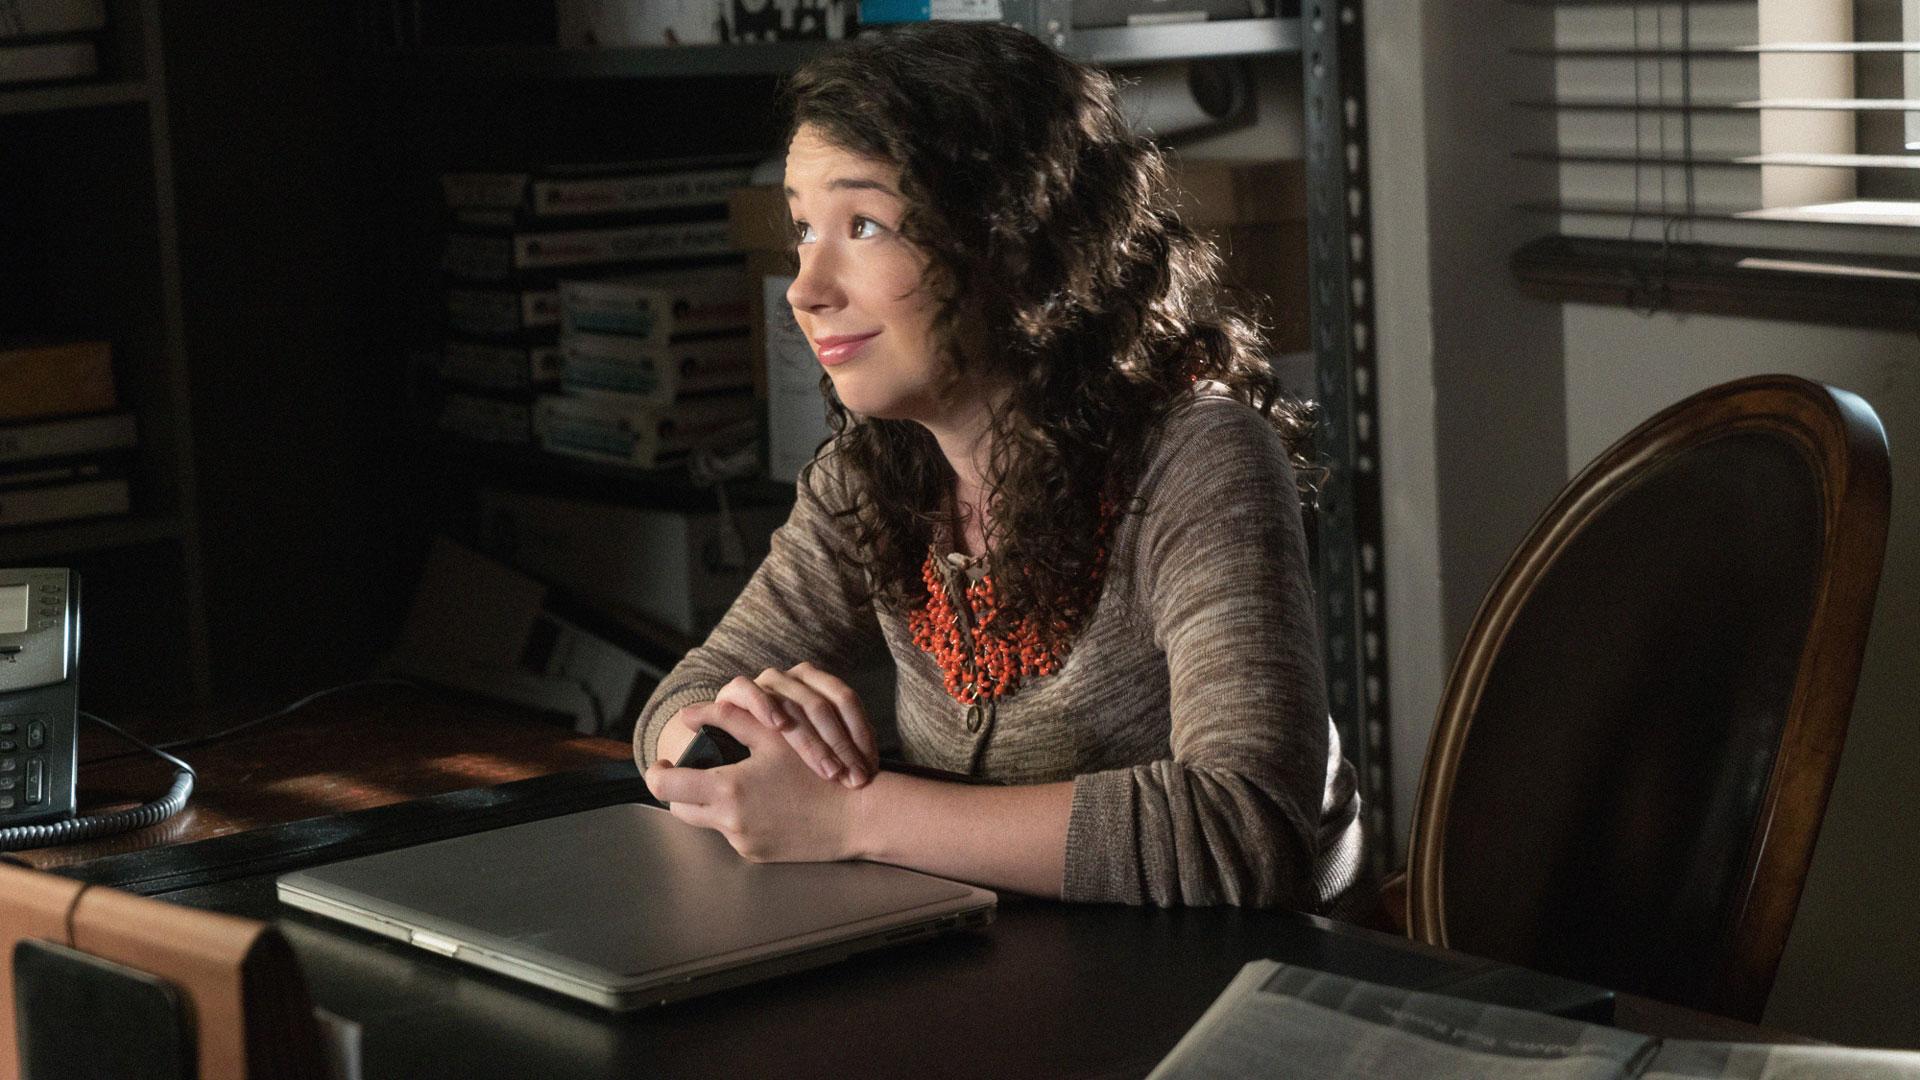 Sarah Steele as Marissa Gold